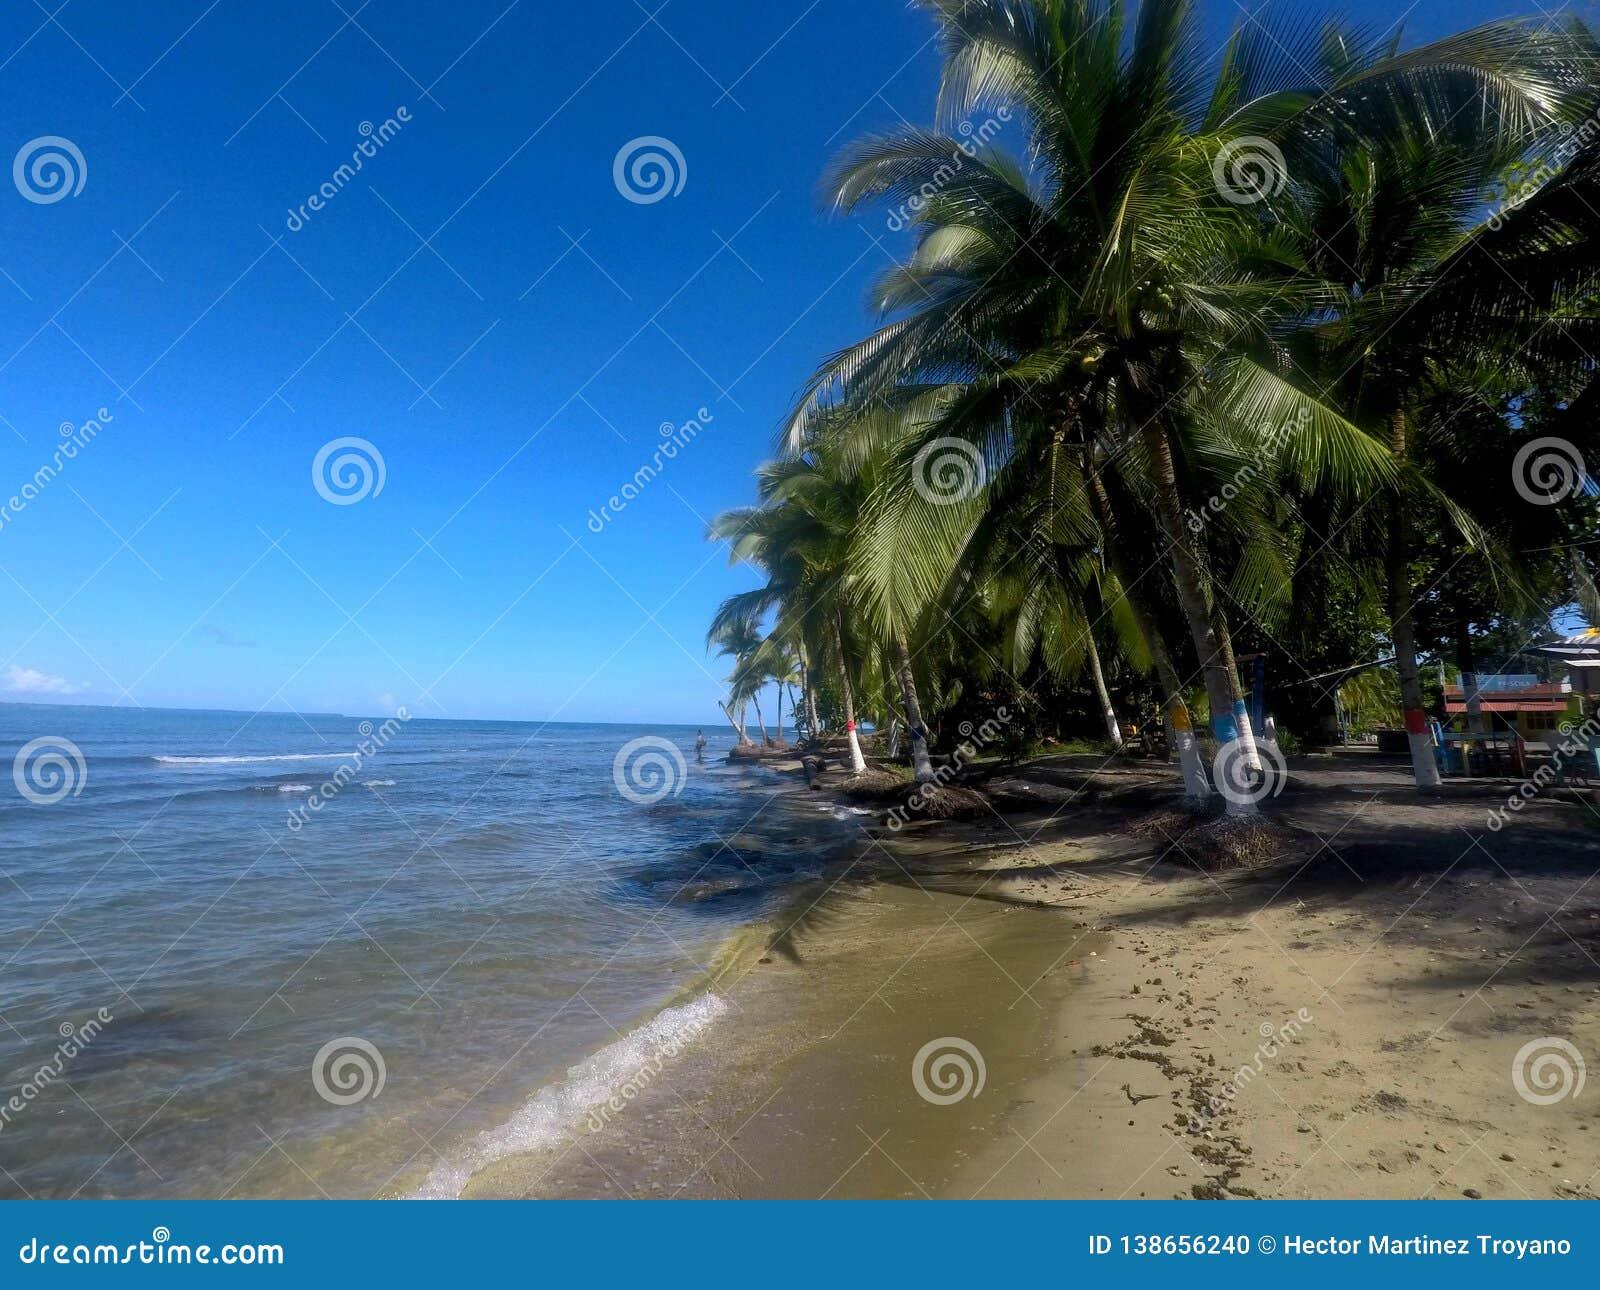 Palmy drzewo w Puerto Viejo plaży, Costa Rica